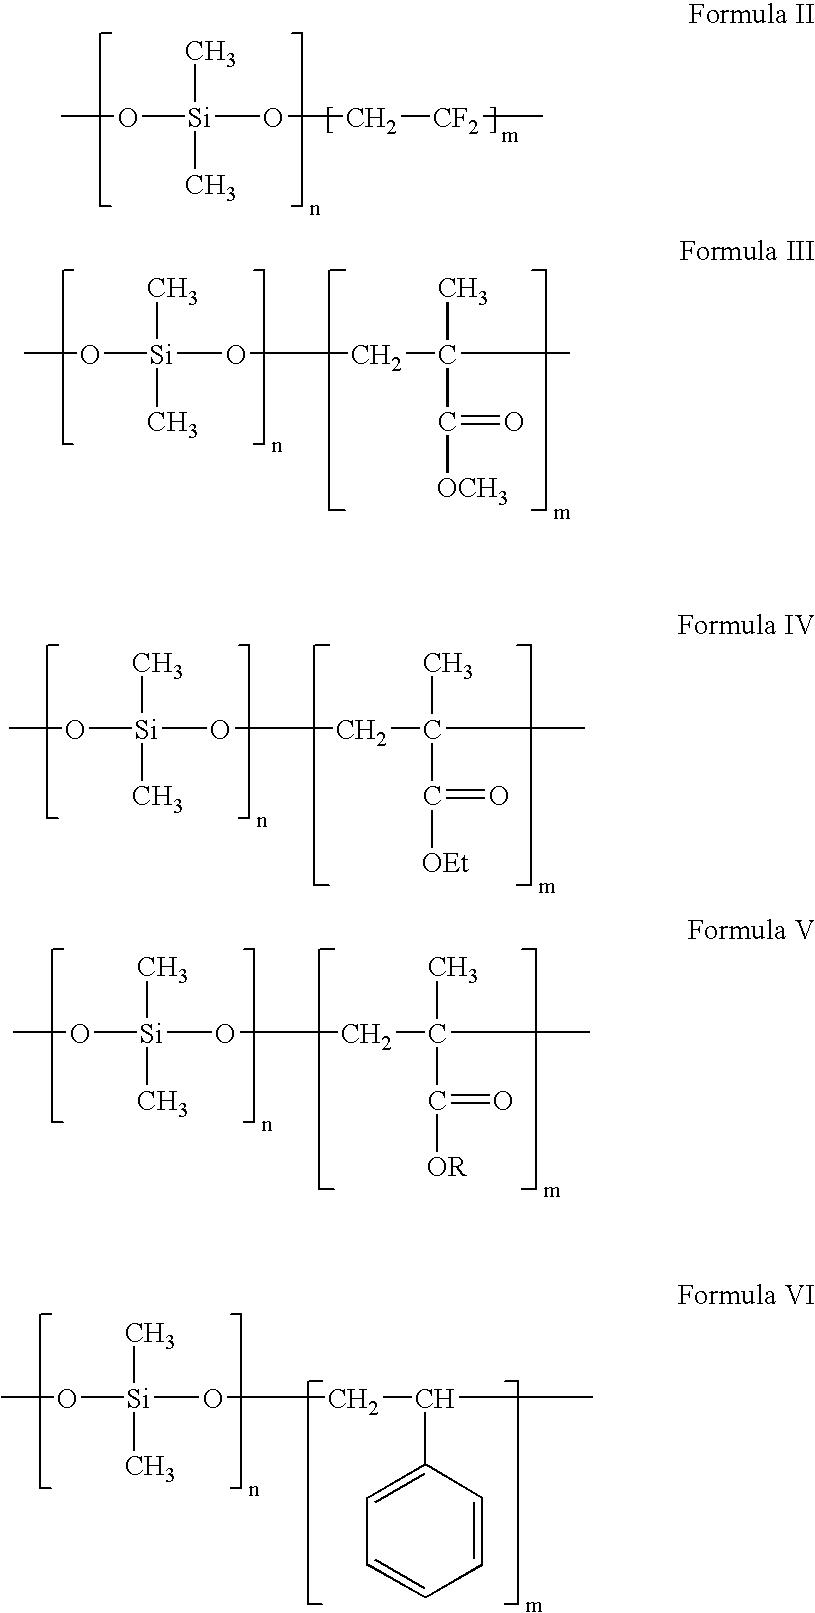 Figure US07494665-20090224-C00011